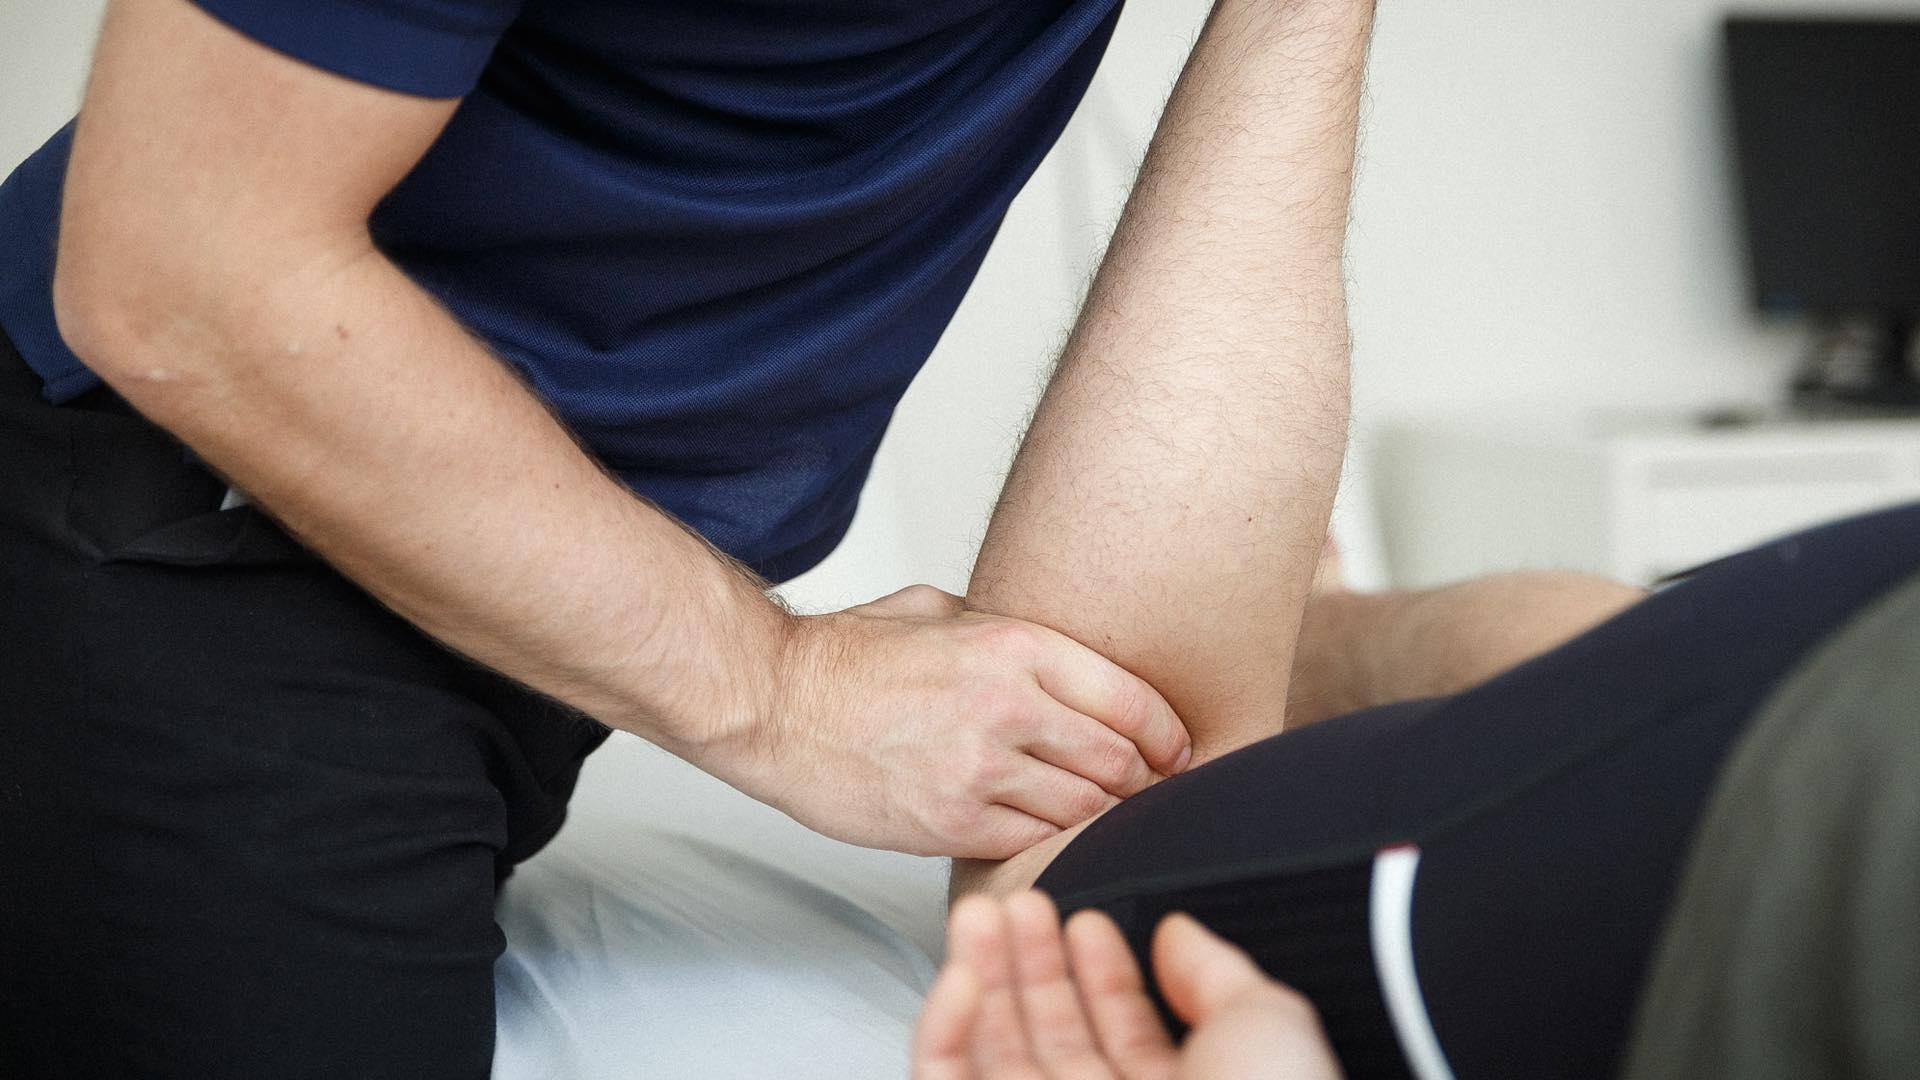 Behandling af ondt i forfoden, forfodsfald, nedsunken forfod